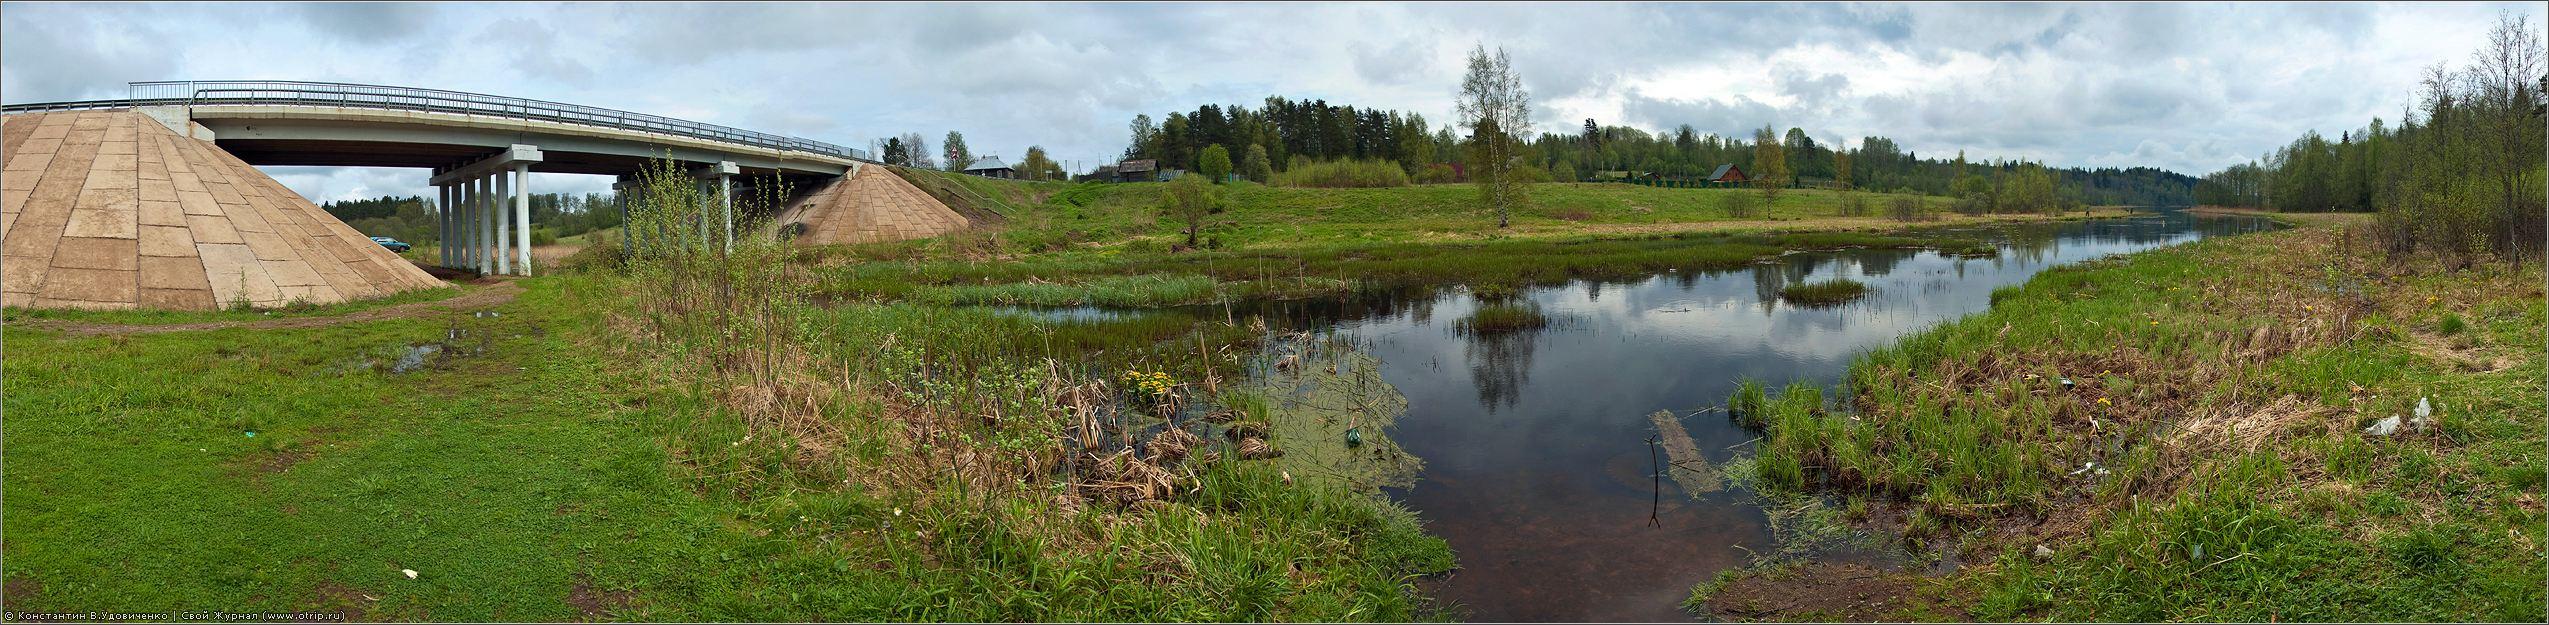 0414-0425-12617x3053s_2.jpg - Новгородская область (10-15.05.2010)